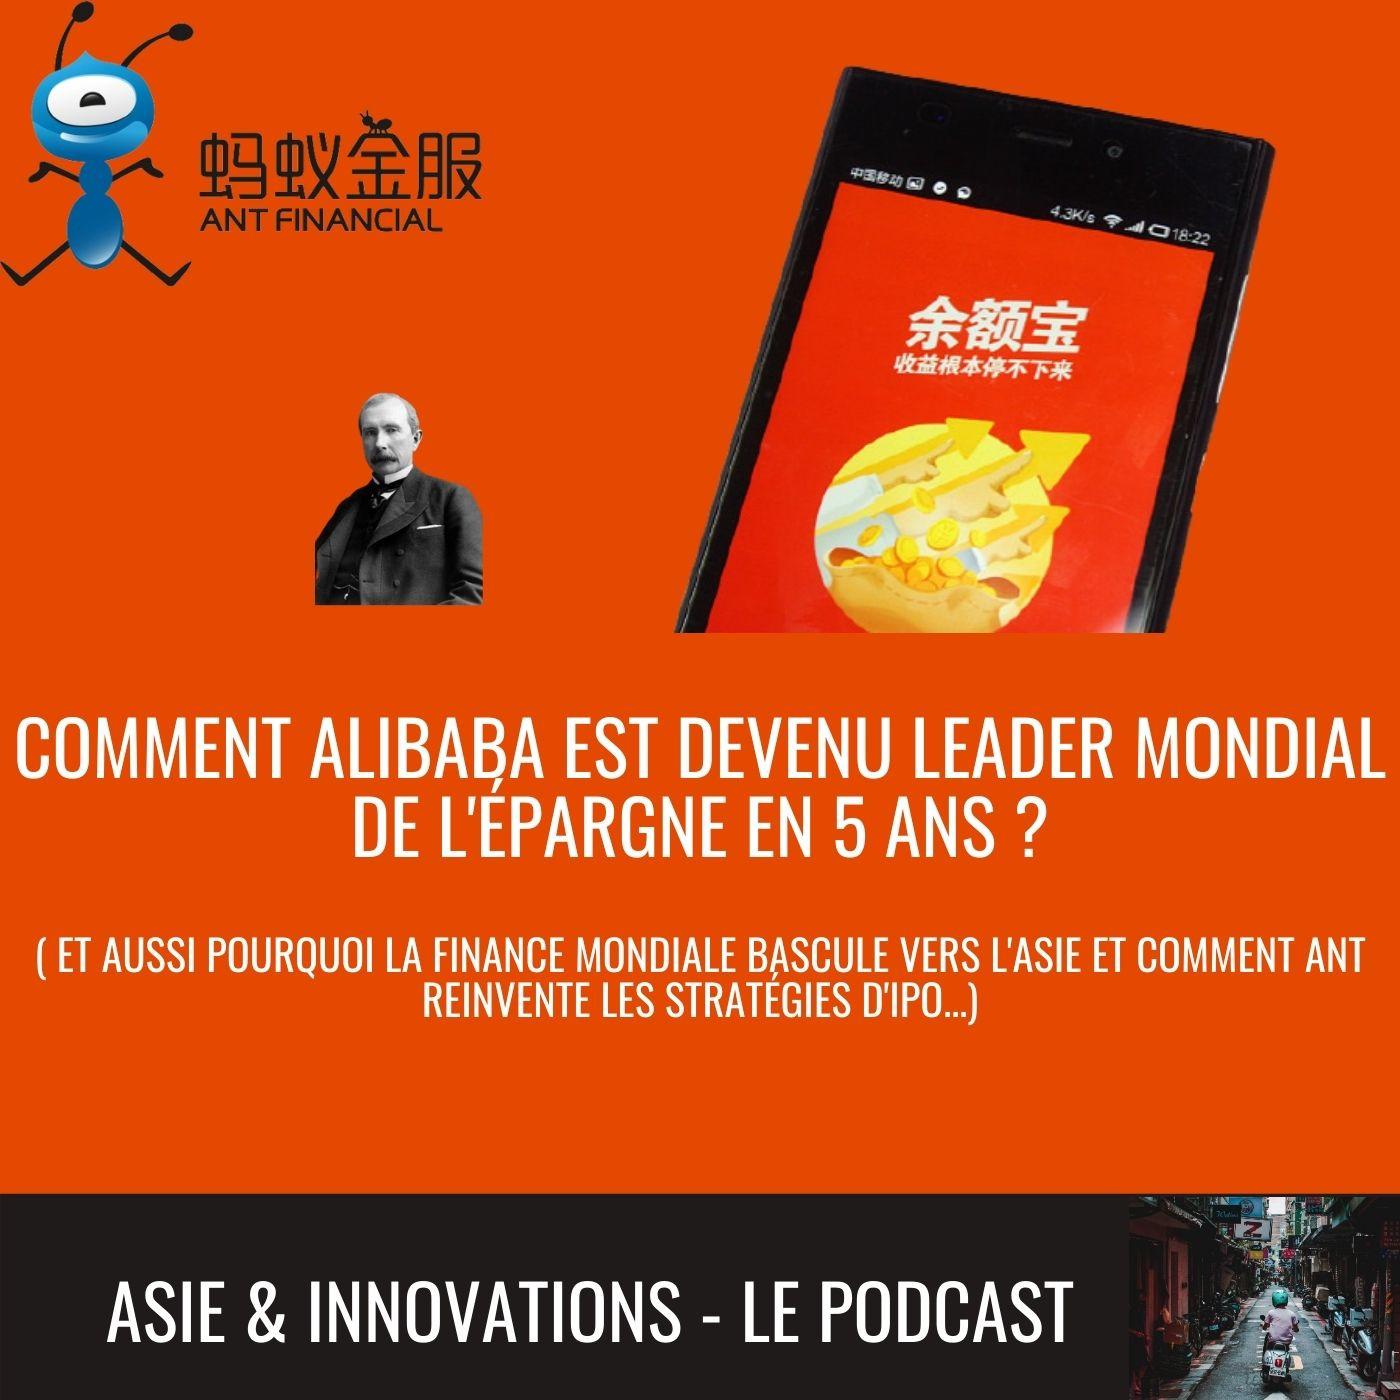 Comment Alibaba est devenu leader mondial de l'épargne en 5 ans ?